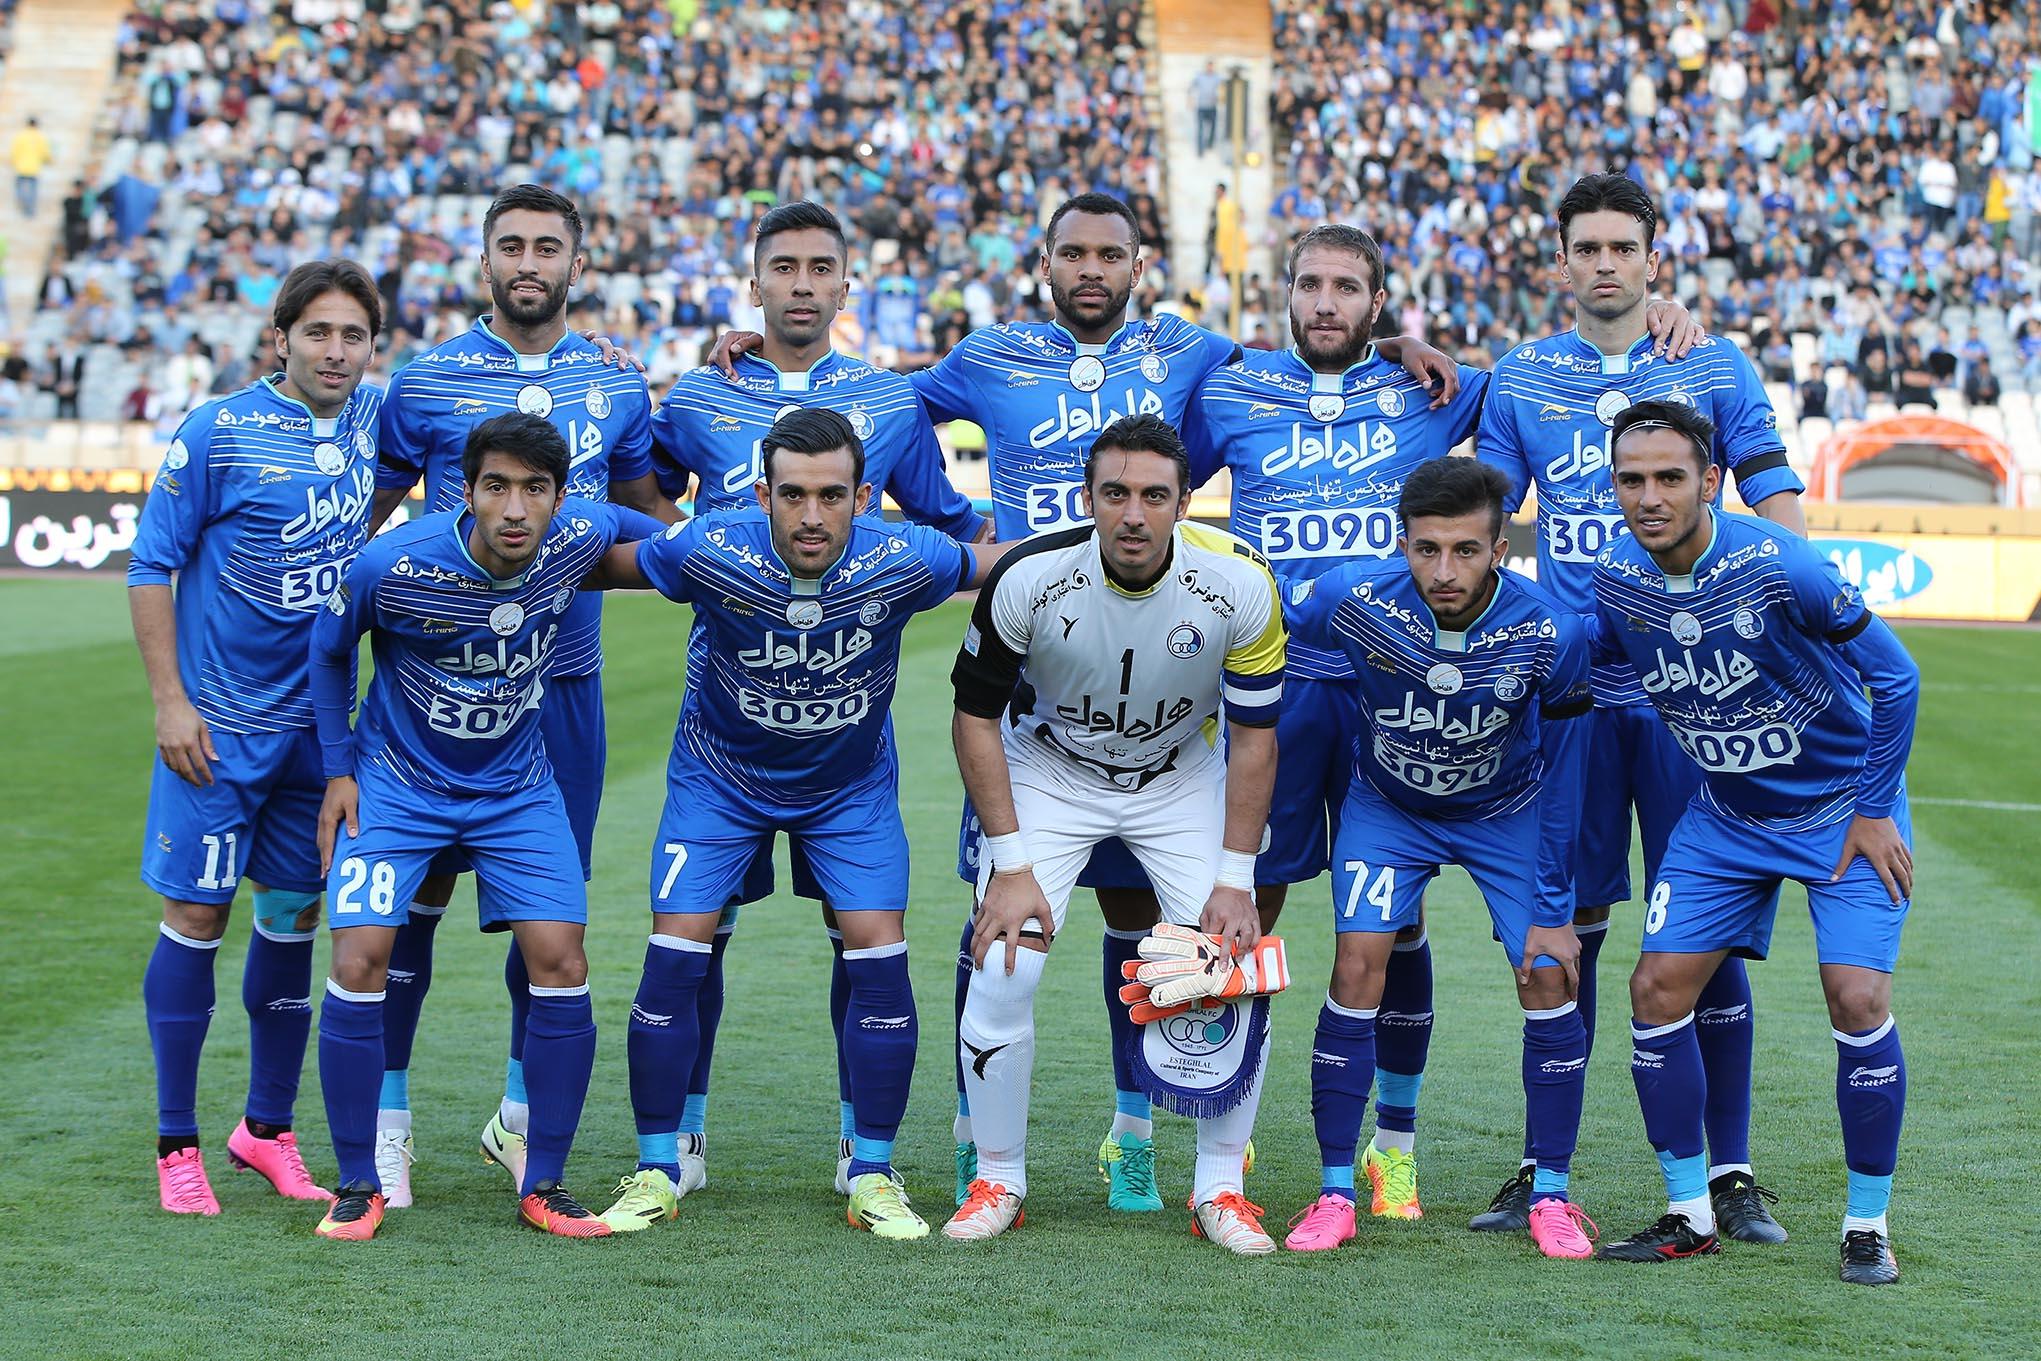 شوک فدراسیون فوتبال به استقلال